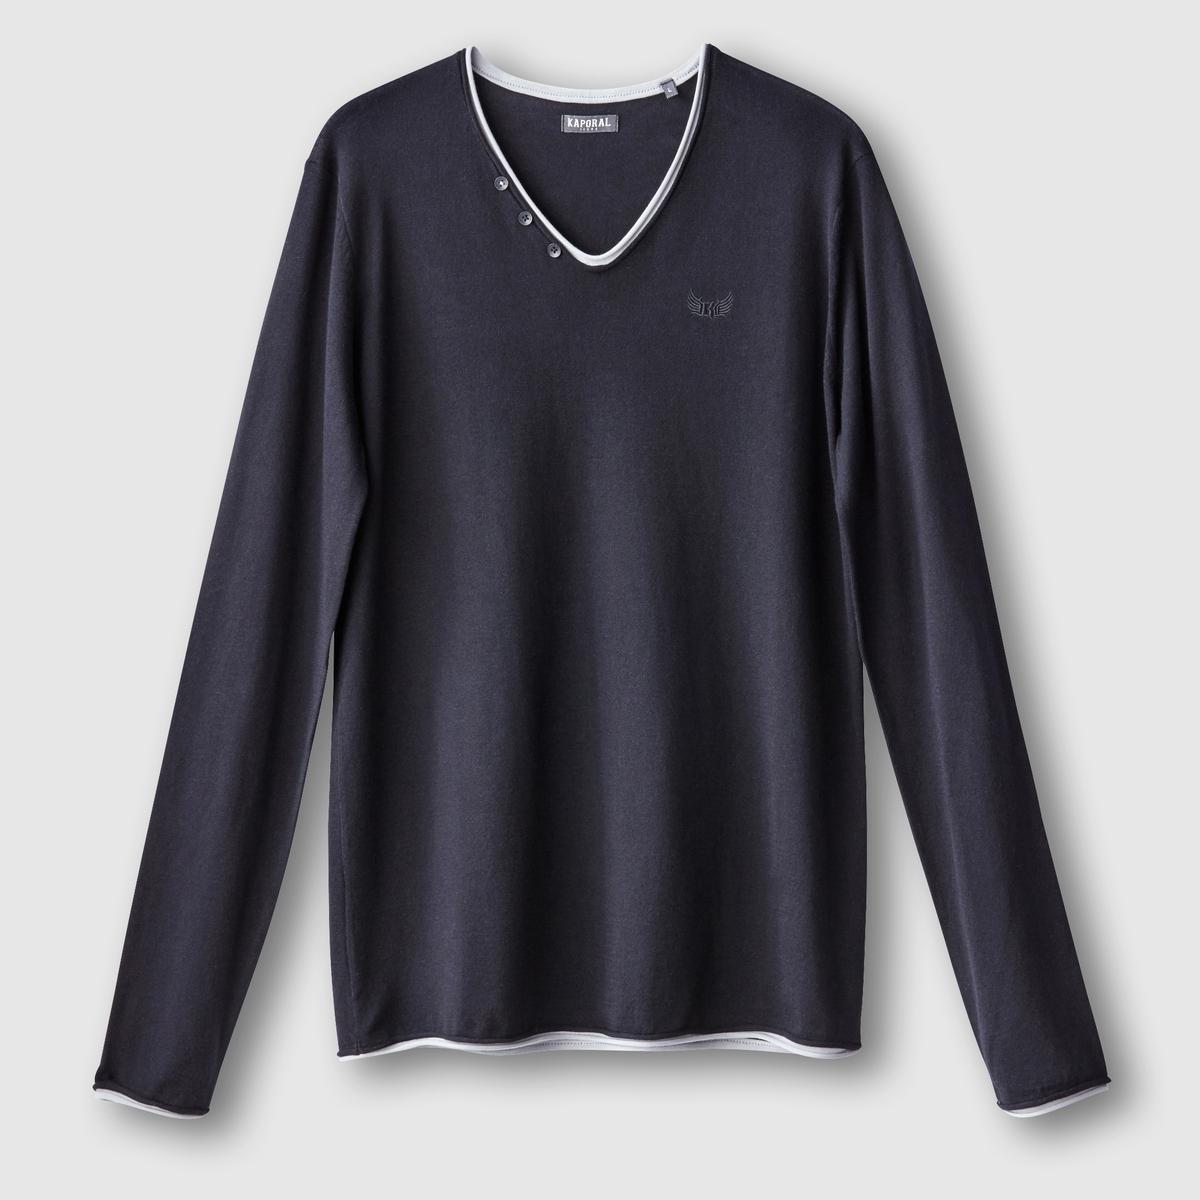 Пуловер Kerin с V-образным вырезомПуловер, модель Kerinот KAPORAL. Прямой покрой, V-образный вырез с запахом (футболка под пуловером). 3 пуговицы на одной стороне. Небольшая аппликация в виде логотипа марки слева снизу. Контрастная отделка краев. Состав и описаниеМатериал : 100% хлопкаМарка : KAPORAL<br><br>Цвет: черный